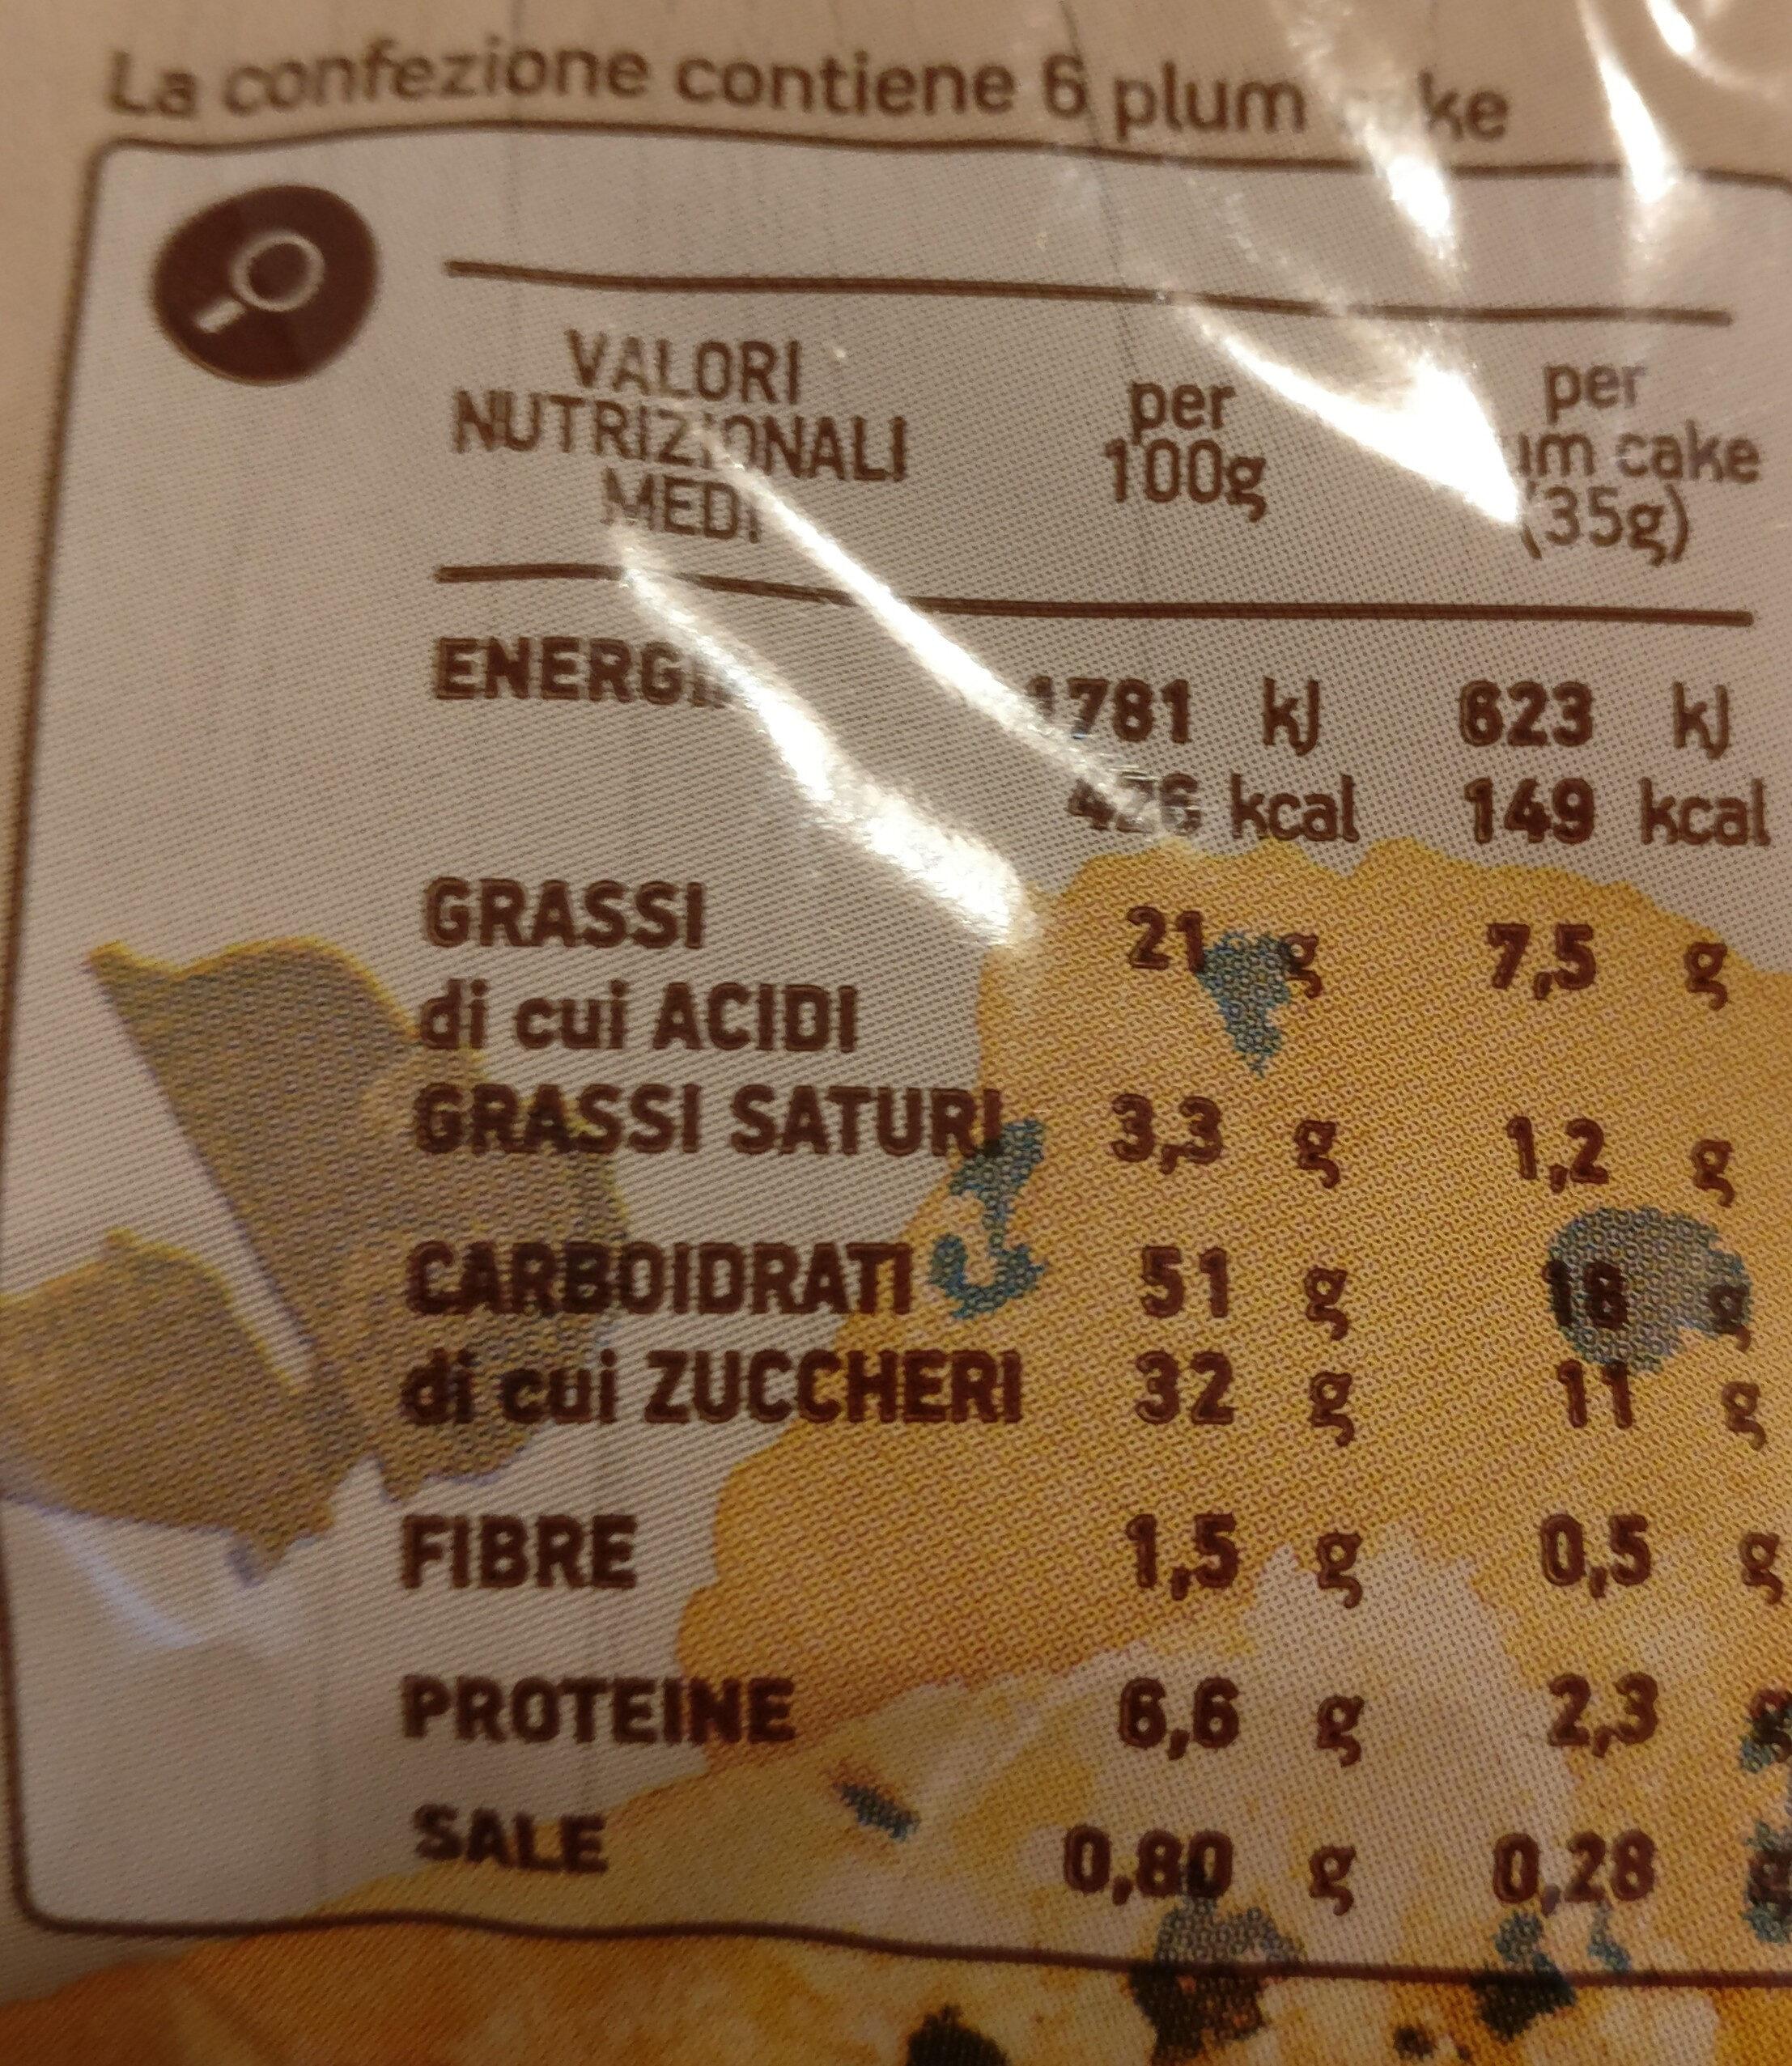 plumcake con gocce di cioccolato Coop - Informazioni nutrizionali - it